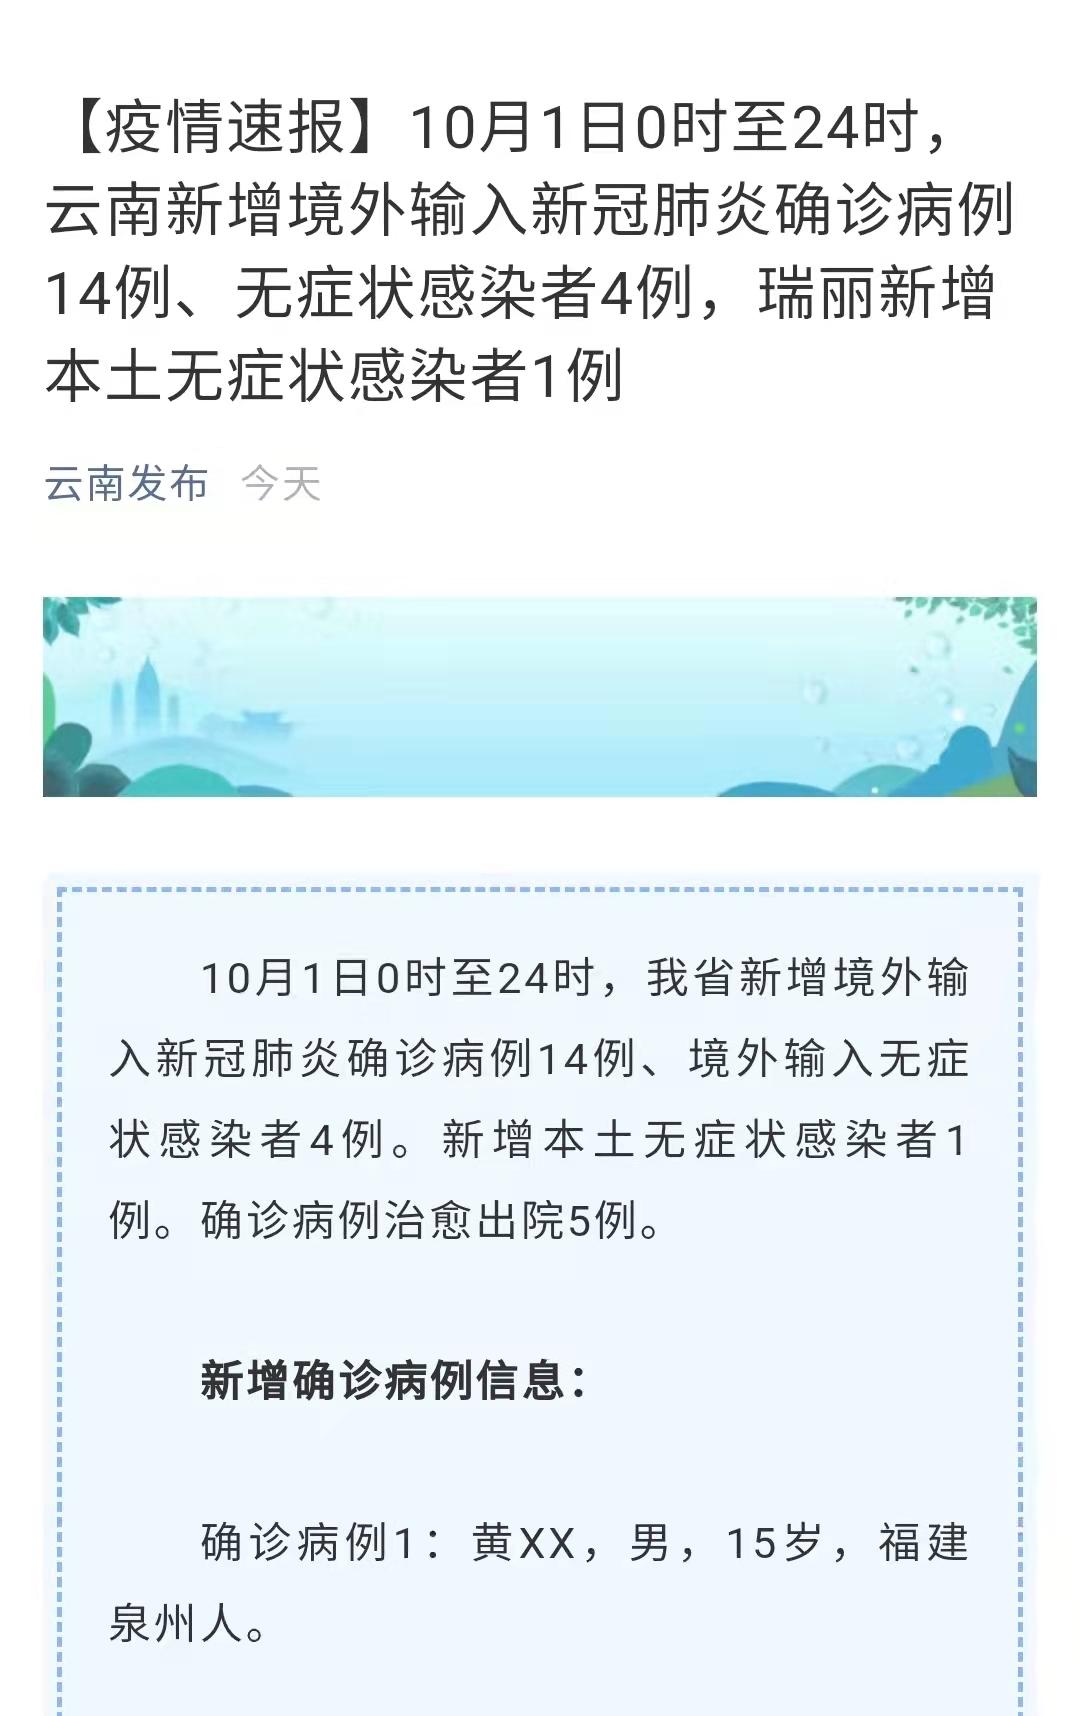 天游平台注册地址注意!云南新增境外输入确诊病例14例,其中13例边境自首后确诊!